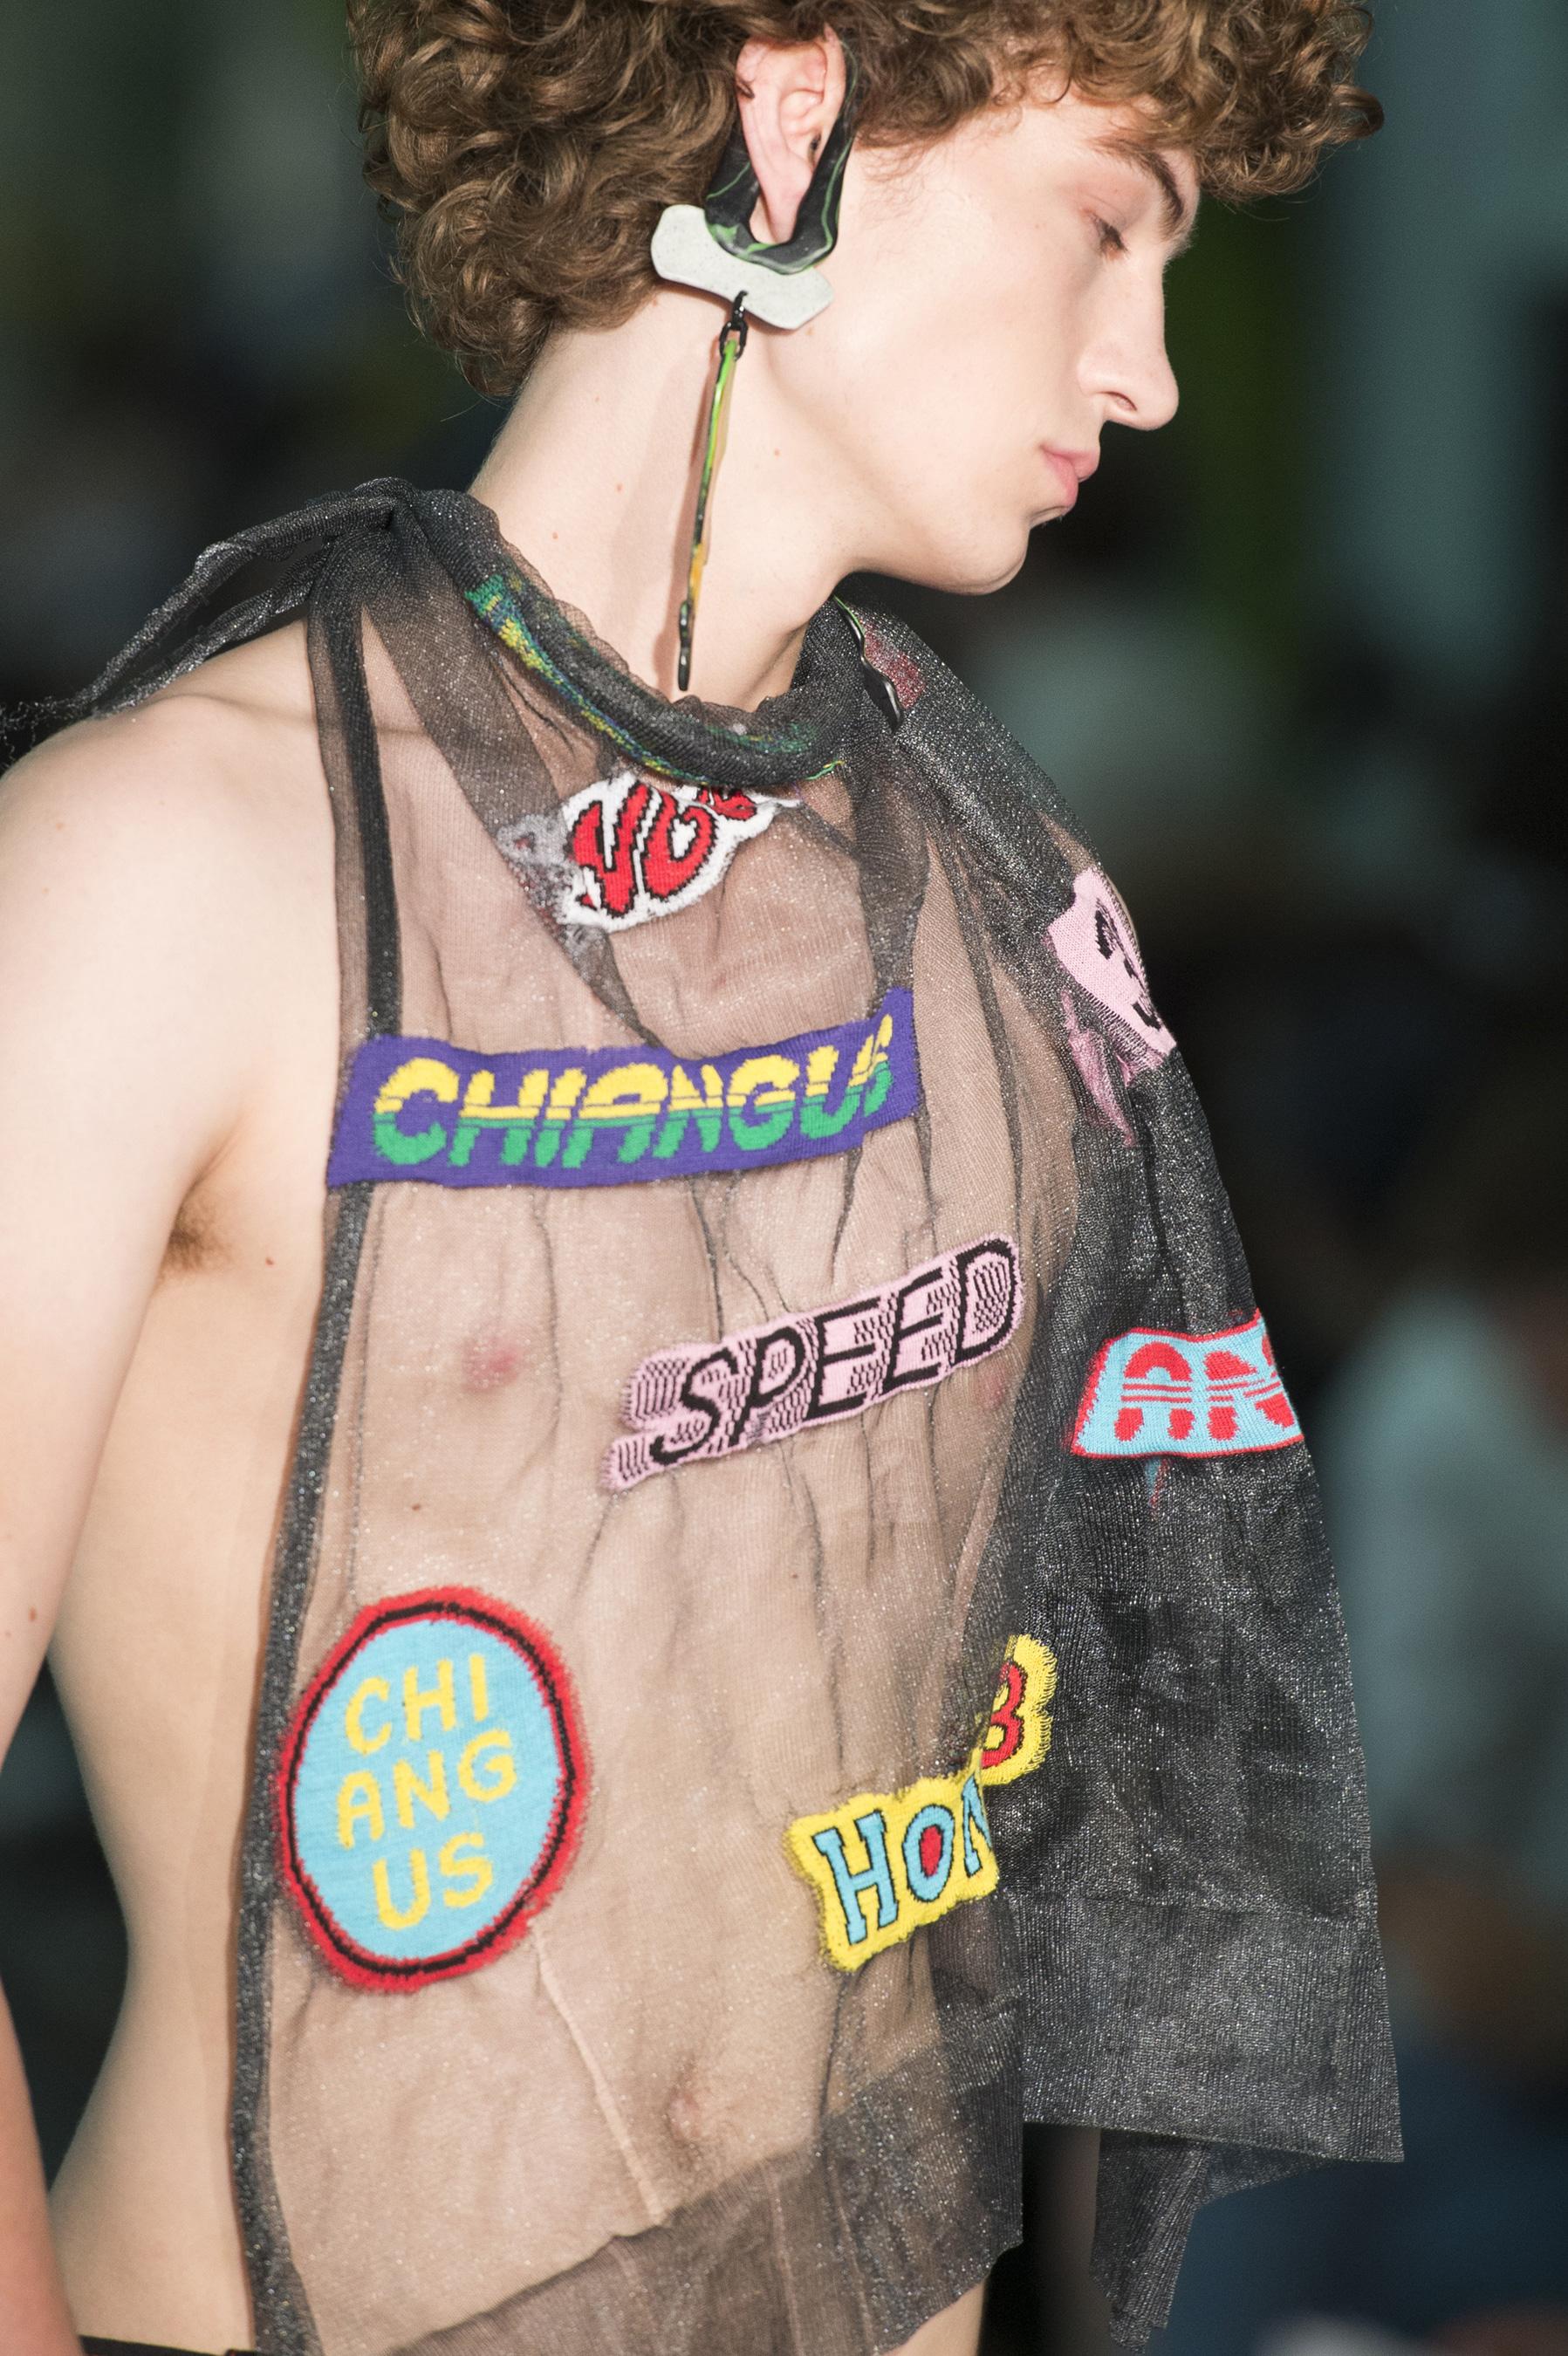 Angus Chiang m clpi RS18 0161